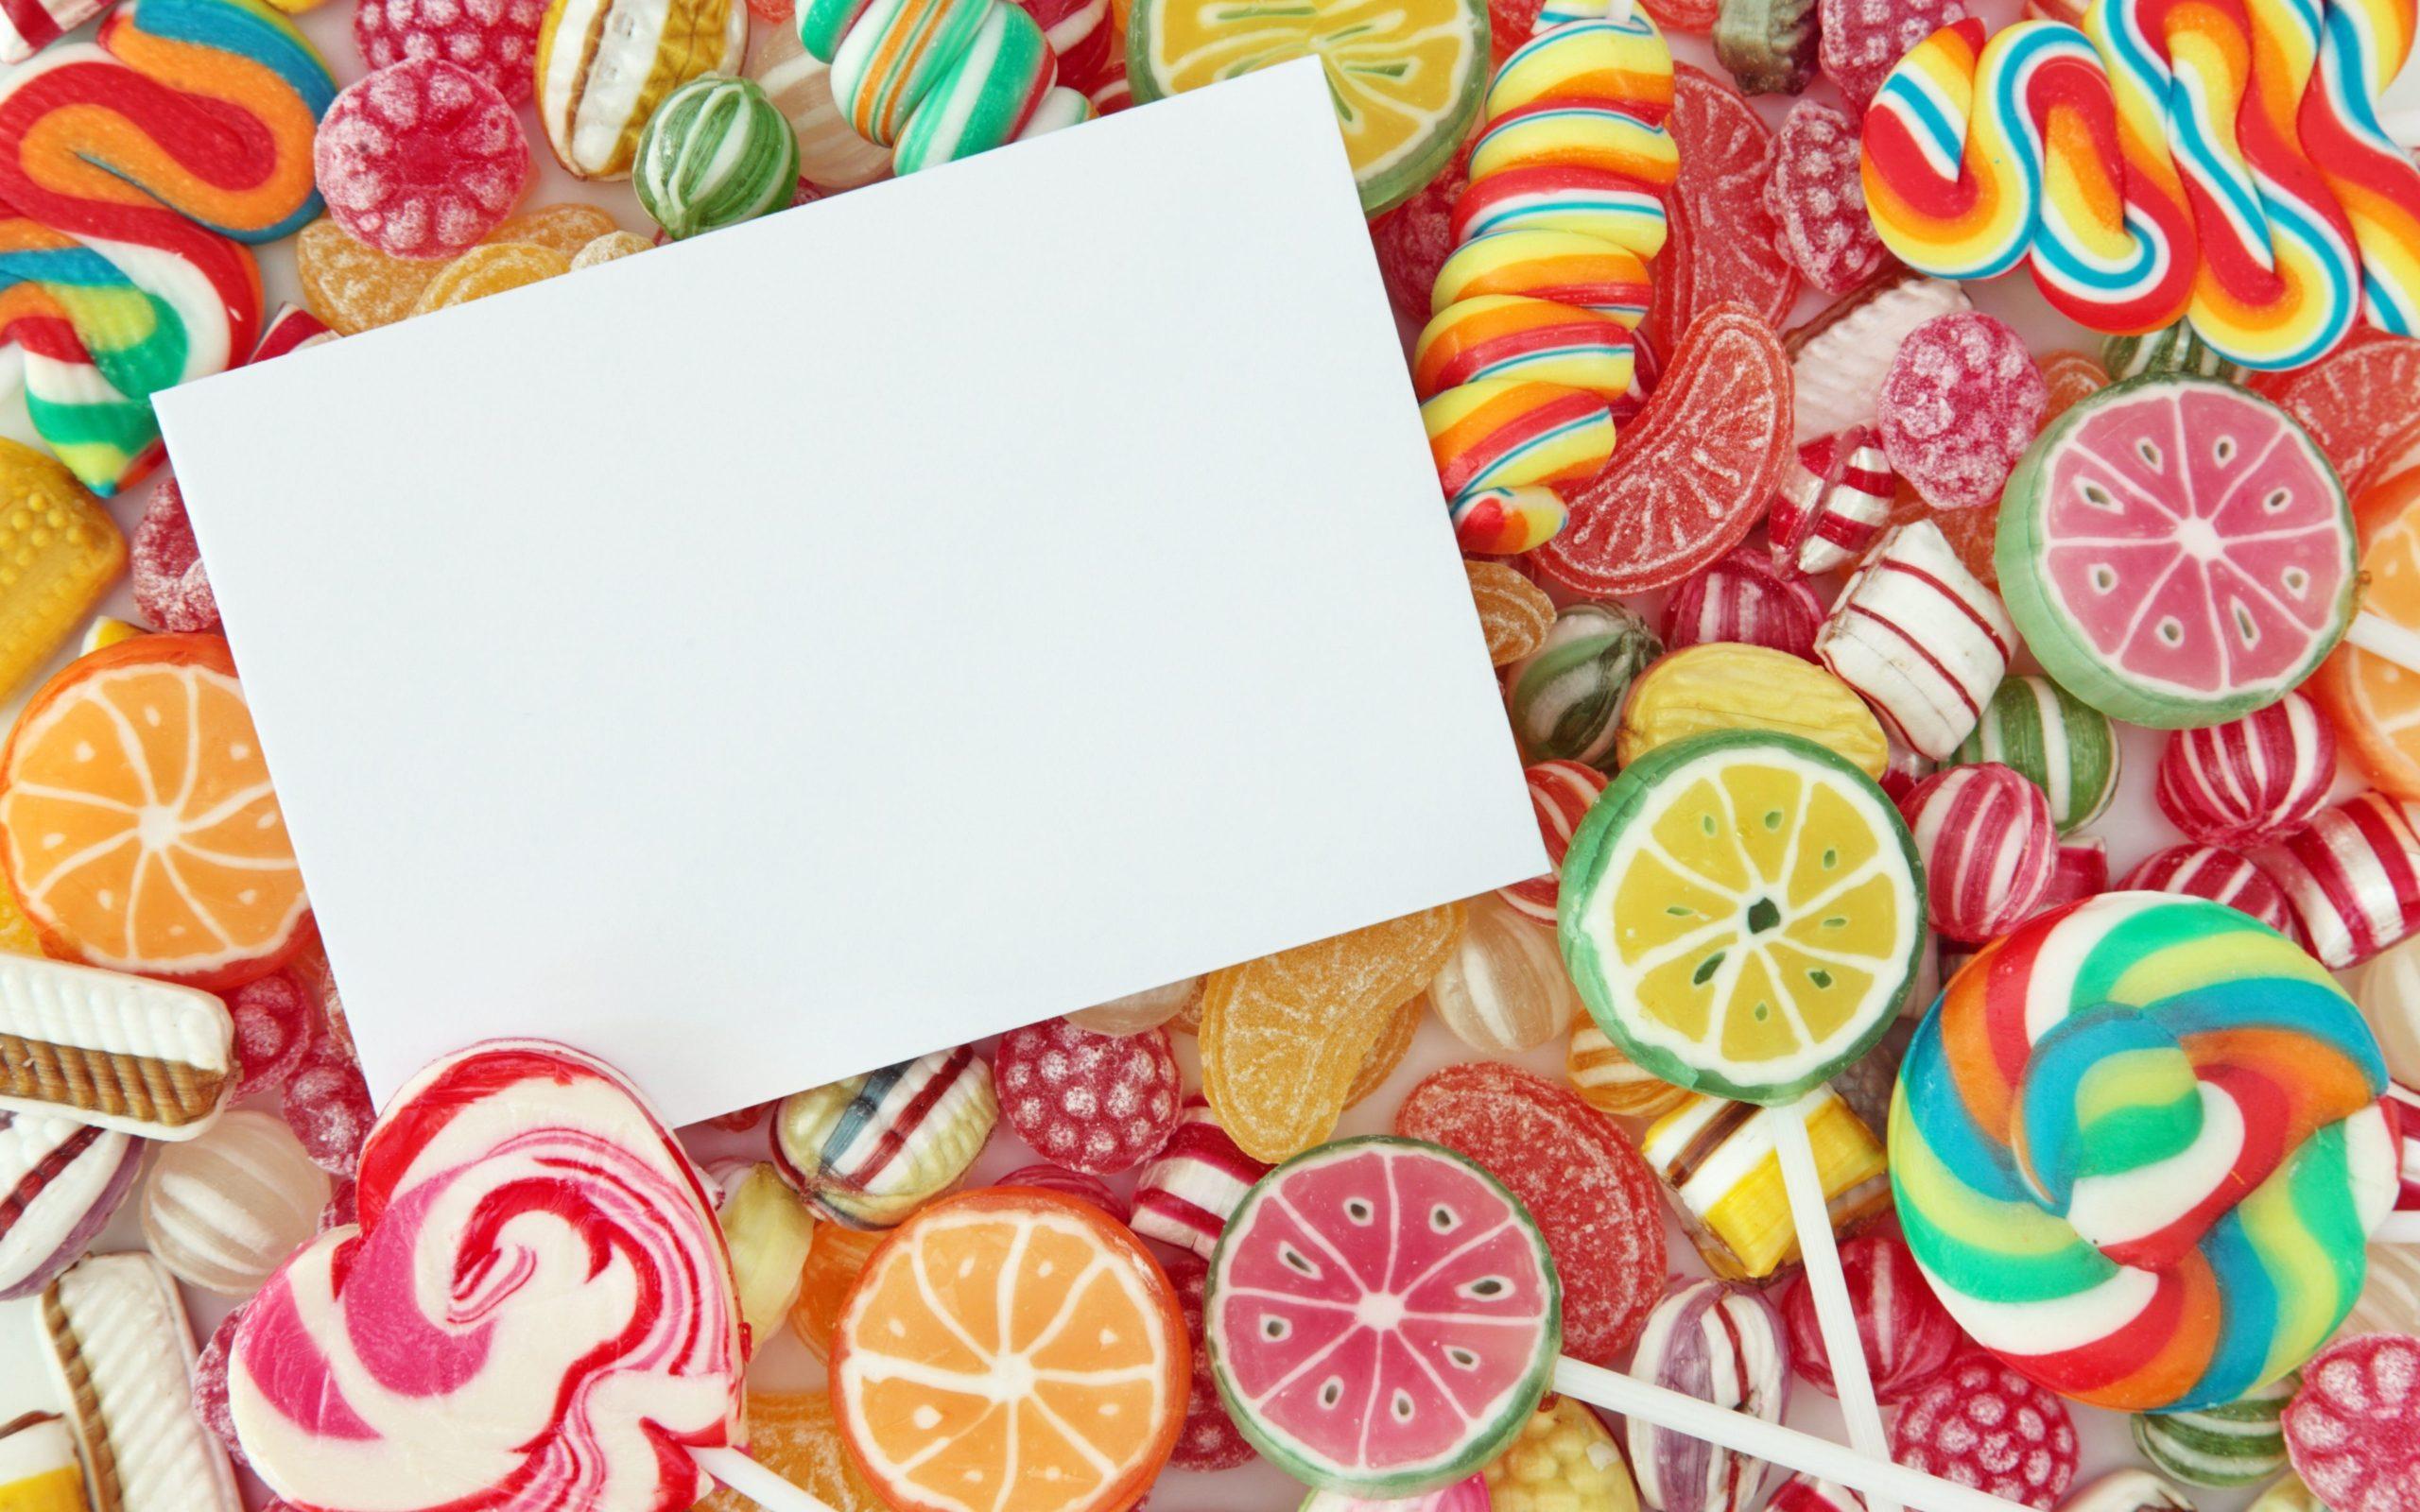 fotos de candys